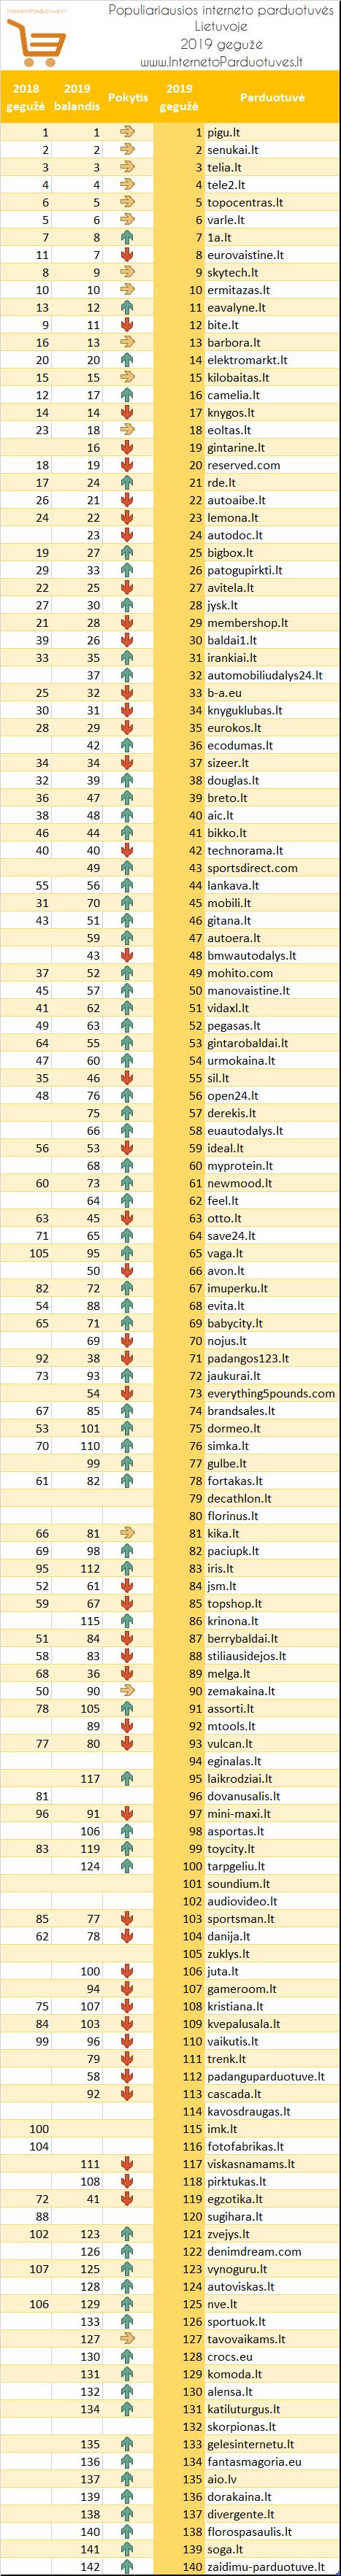 Populiariausių elektroninių parduotuvių Lietuvoje 2019 m. gegužės mėn. reitingas